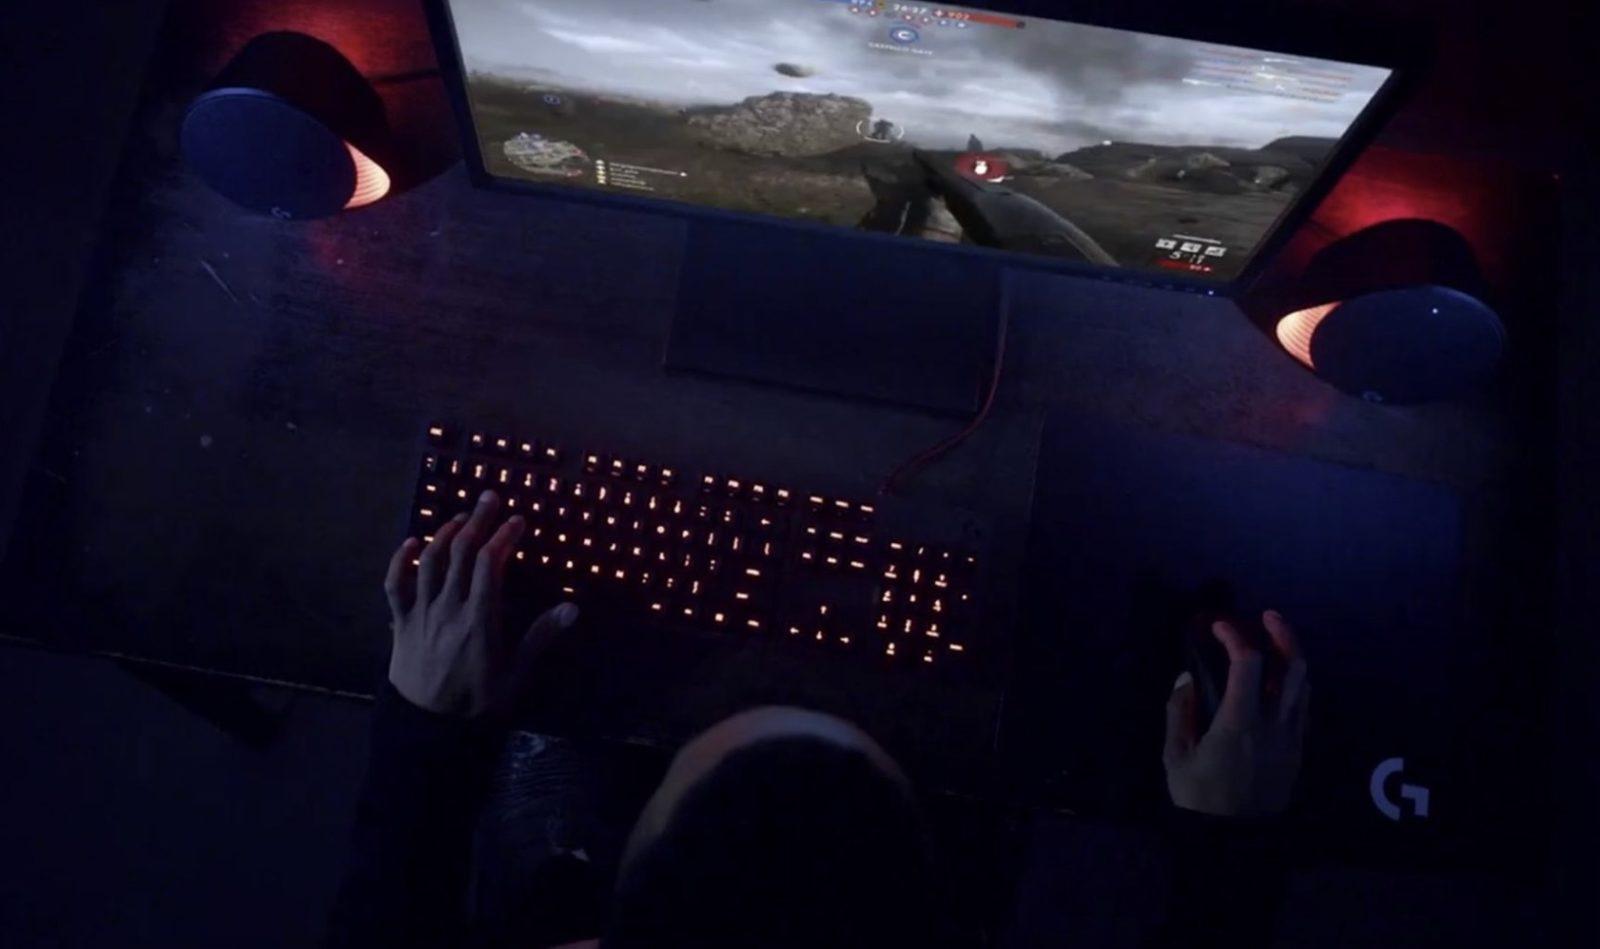 Hermann Miller e Logitech G insieme per progettare le migliori sedute per gamer